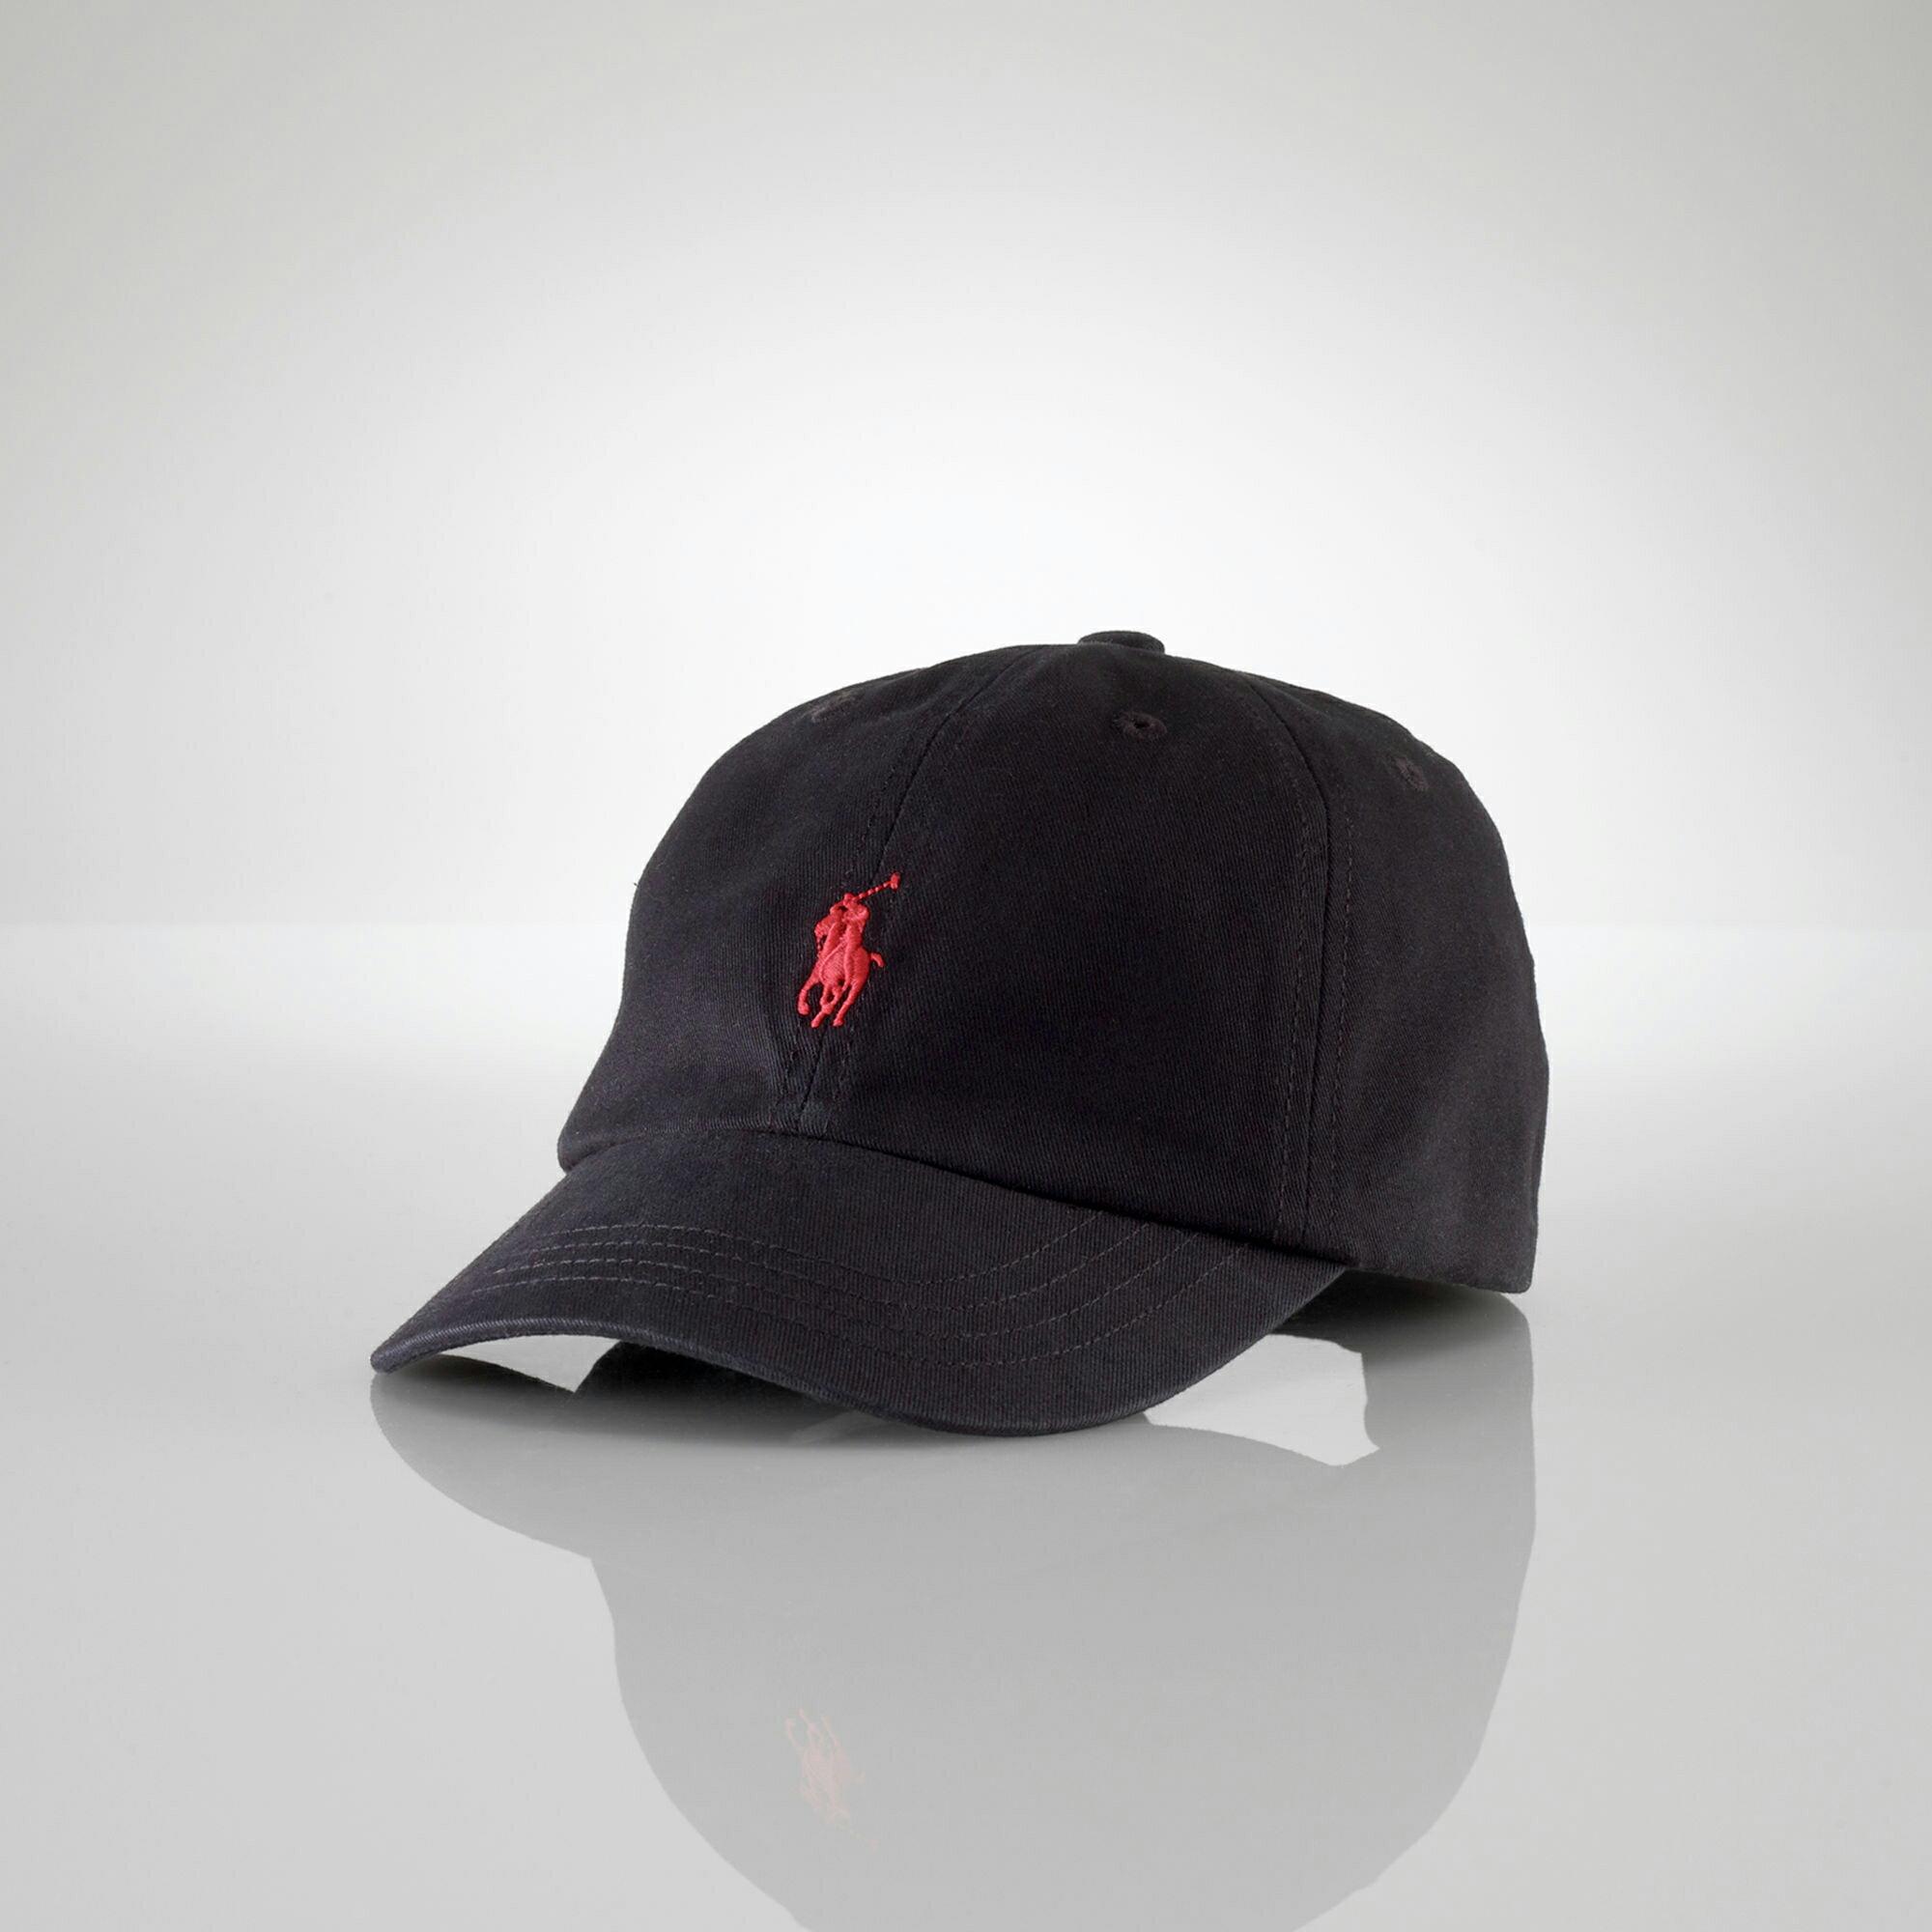 美國百分百【全新真品】Ralph Lauren 帽子 RL 配件 棒球帽 Polo 小馬 黑色 帆布 刺繡 男 A732